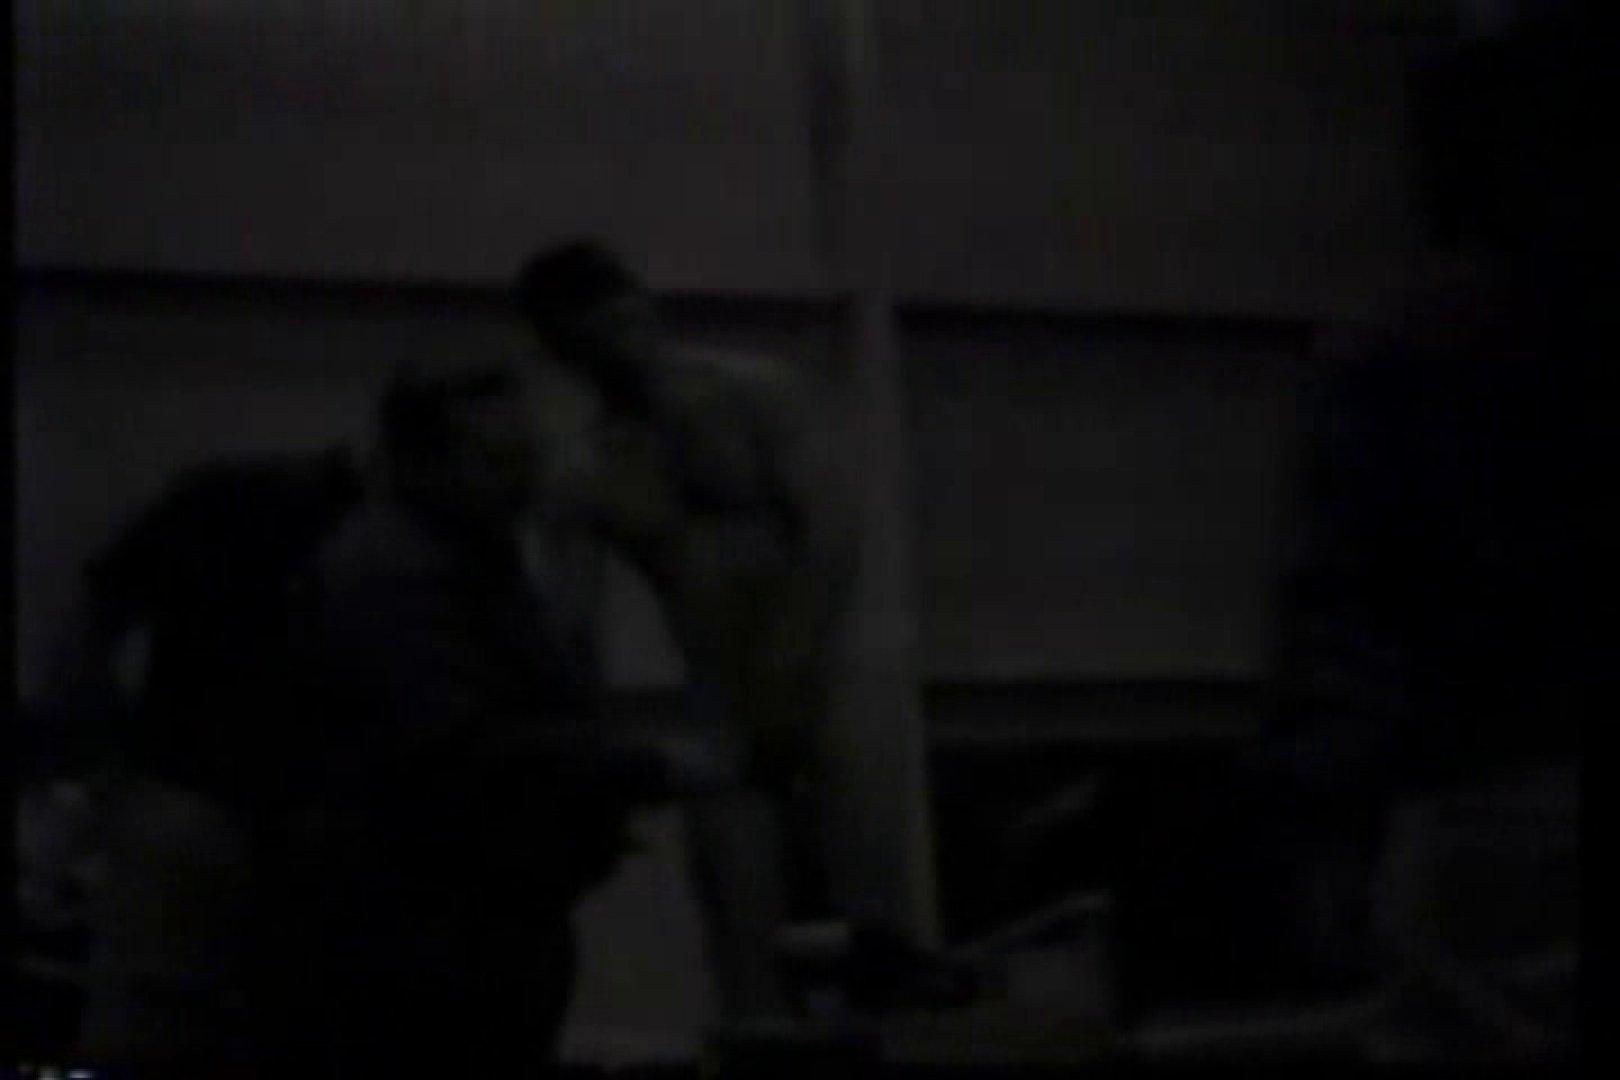 洋人さんの脱衣所を覗いてみました。VOL.6 完全無修正版 ゲイエロ画像 102枚 74